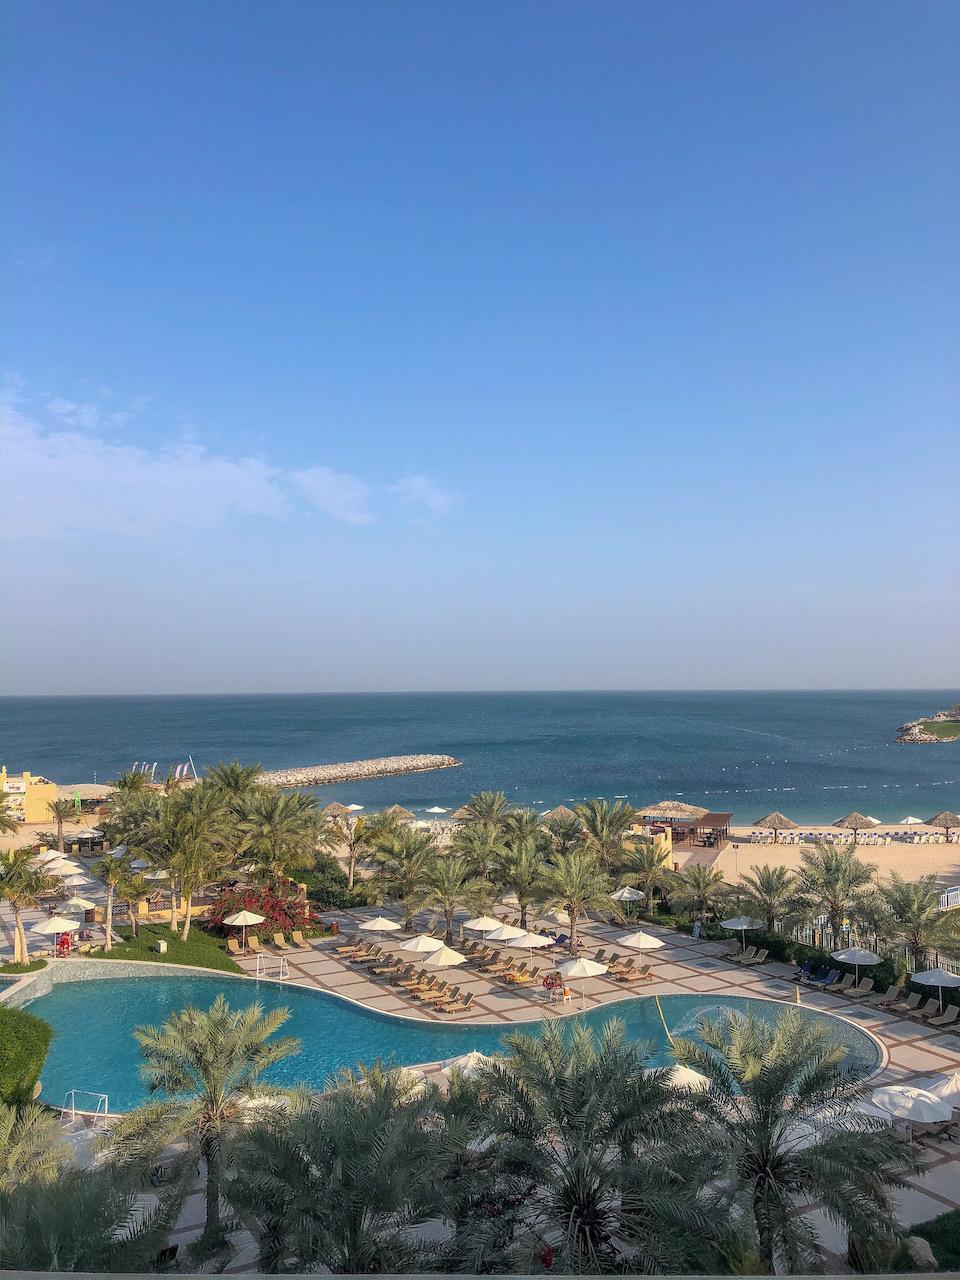 Vakantie Ras Al Khaimah tips - Hilton Ras Al Khaimah Resort & Spa